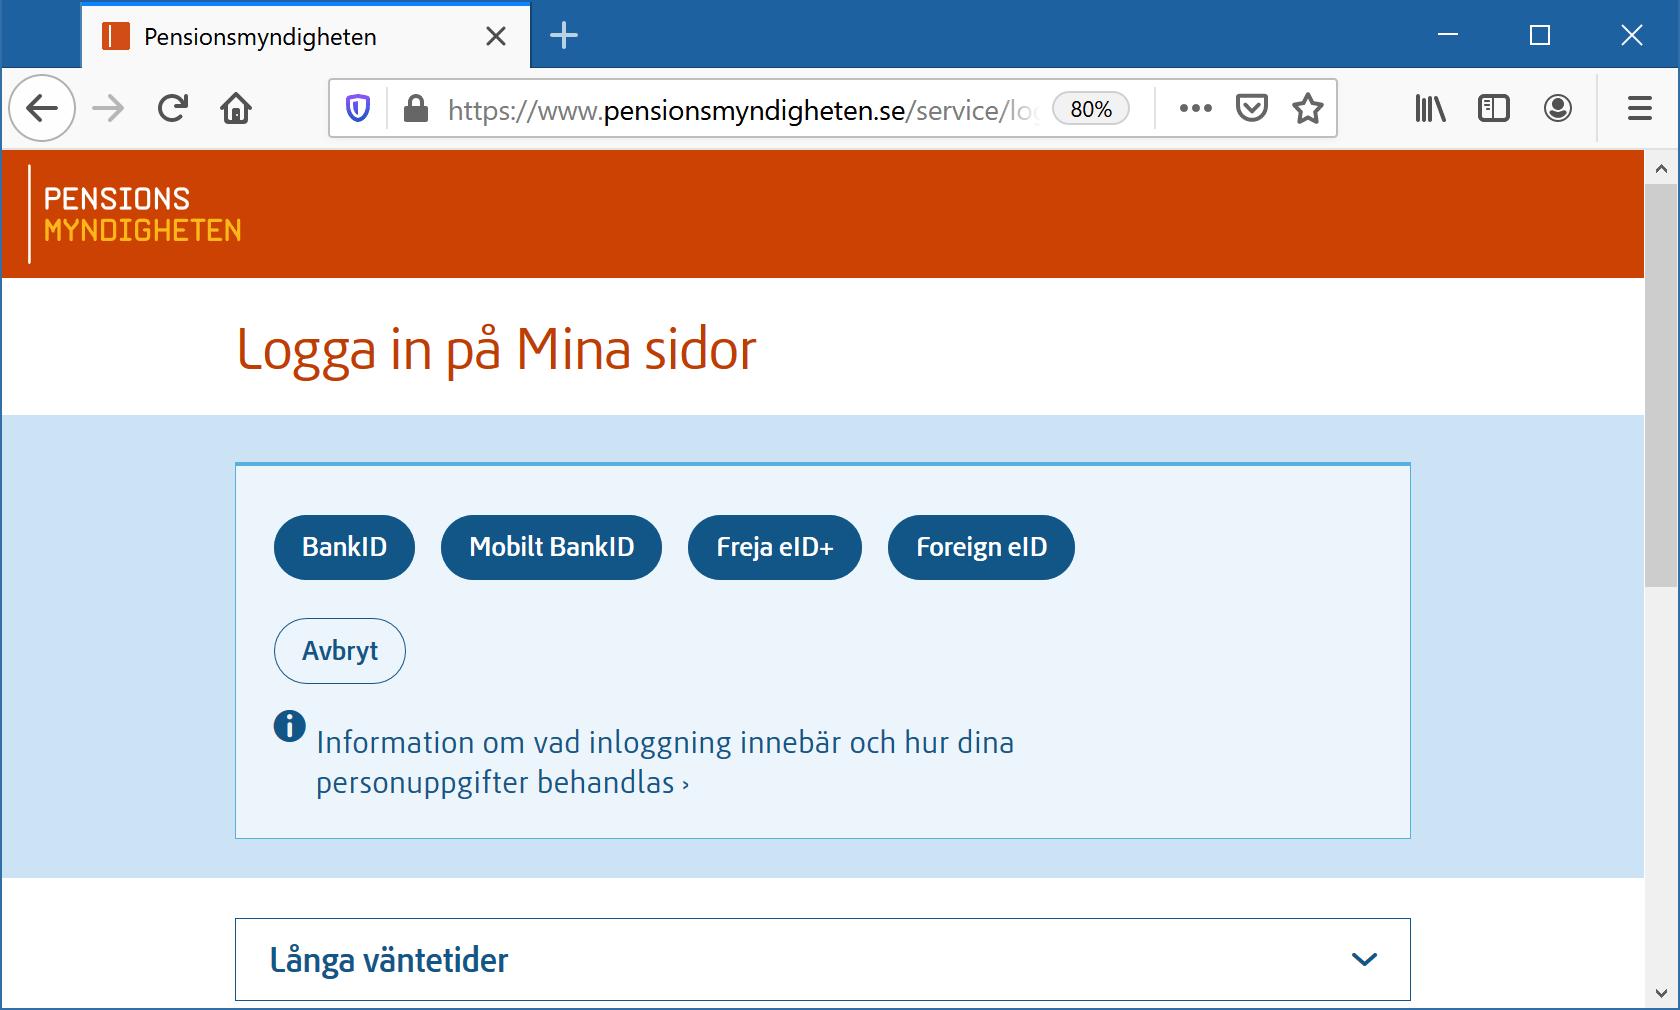 Pensionsmyndighetens webbplats